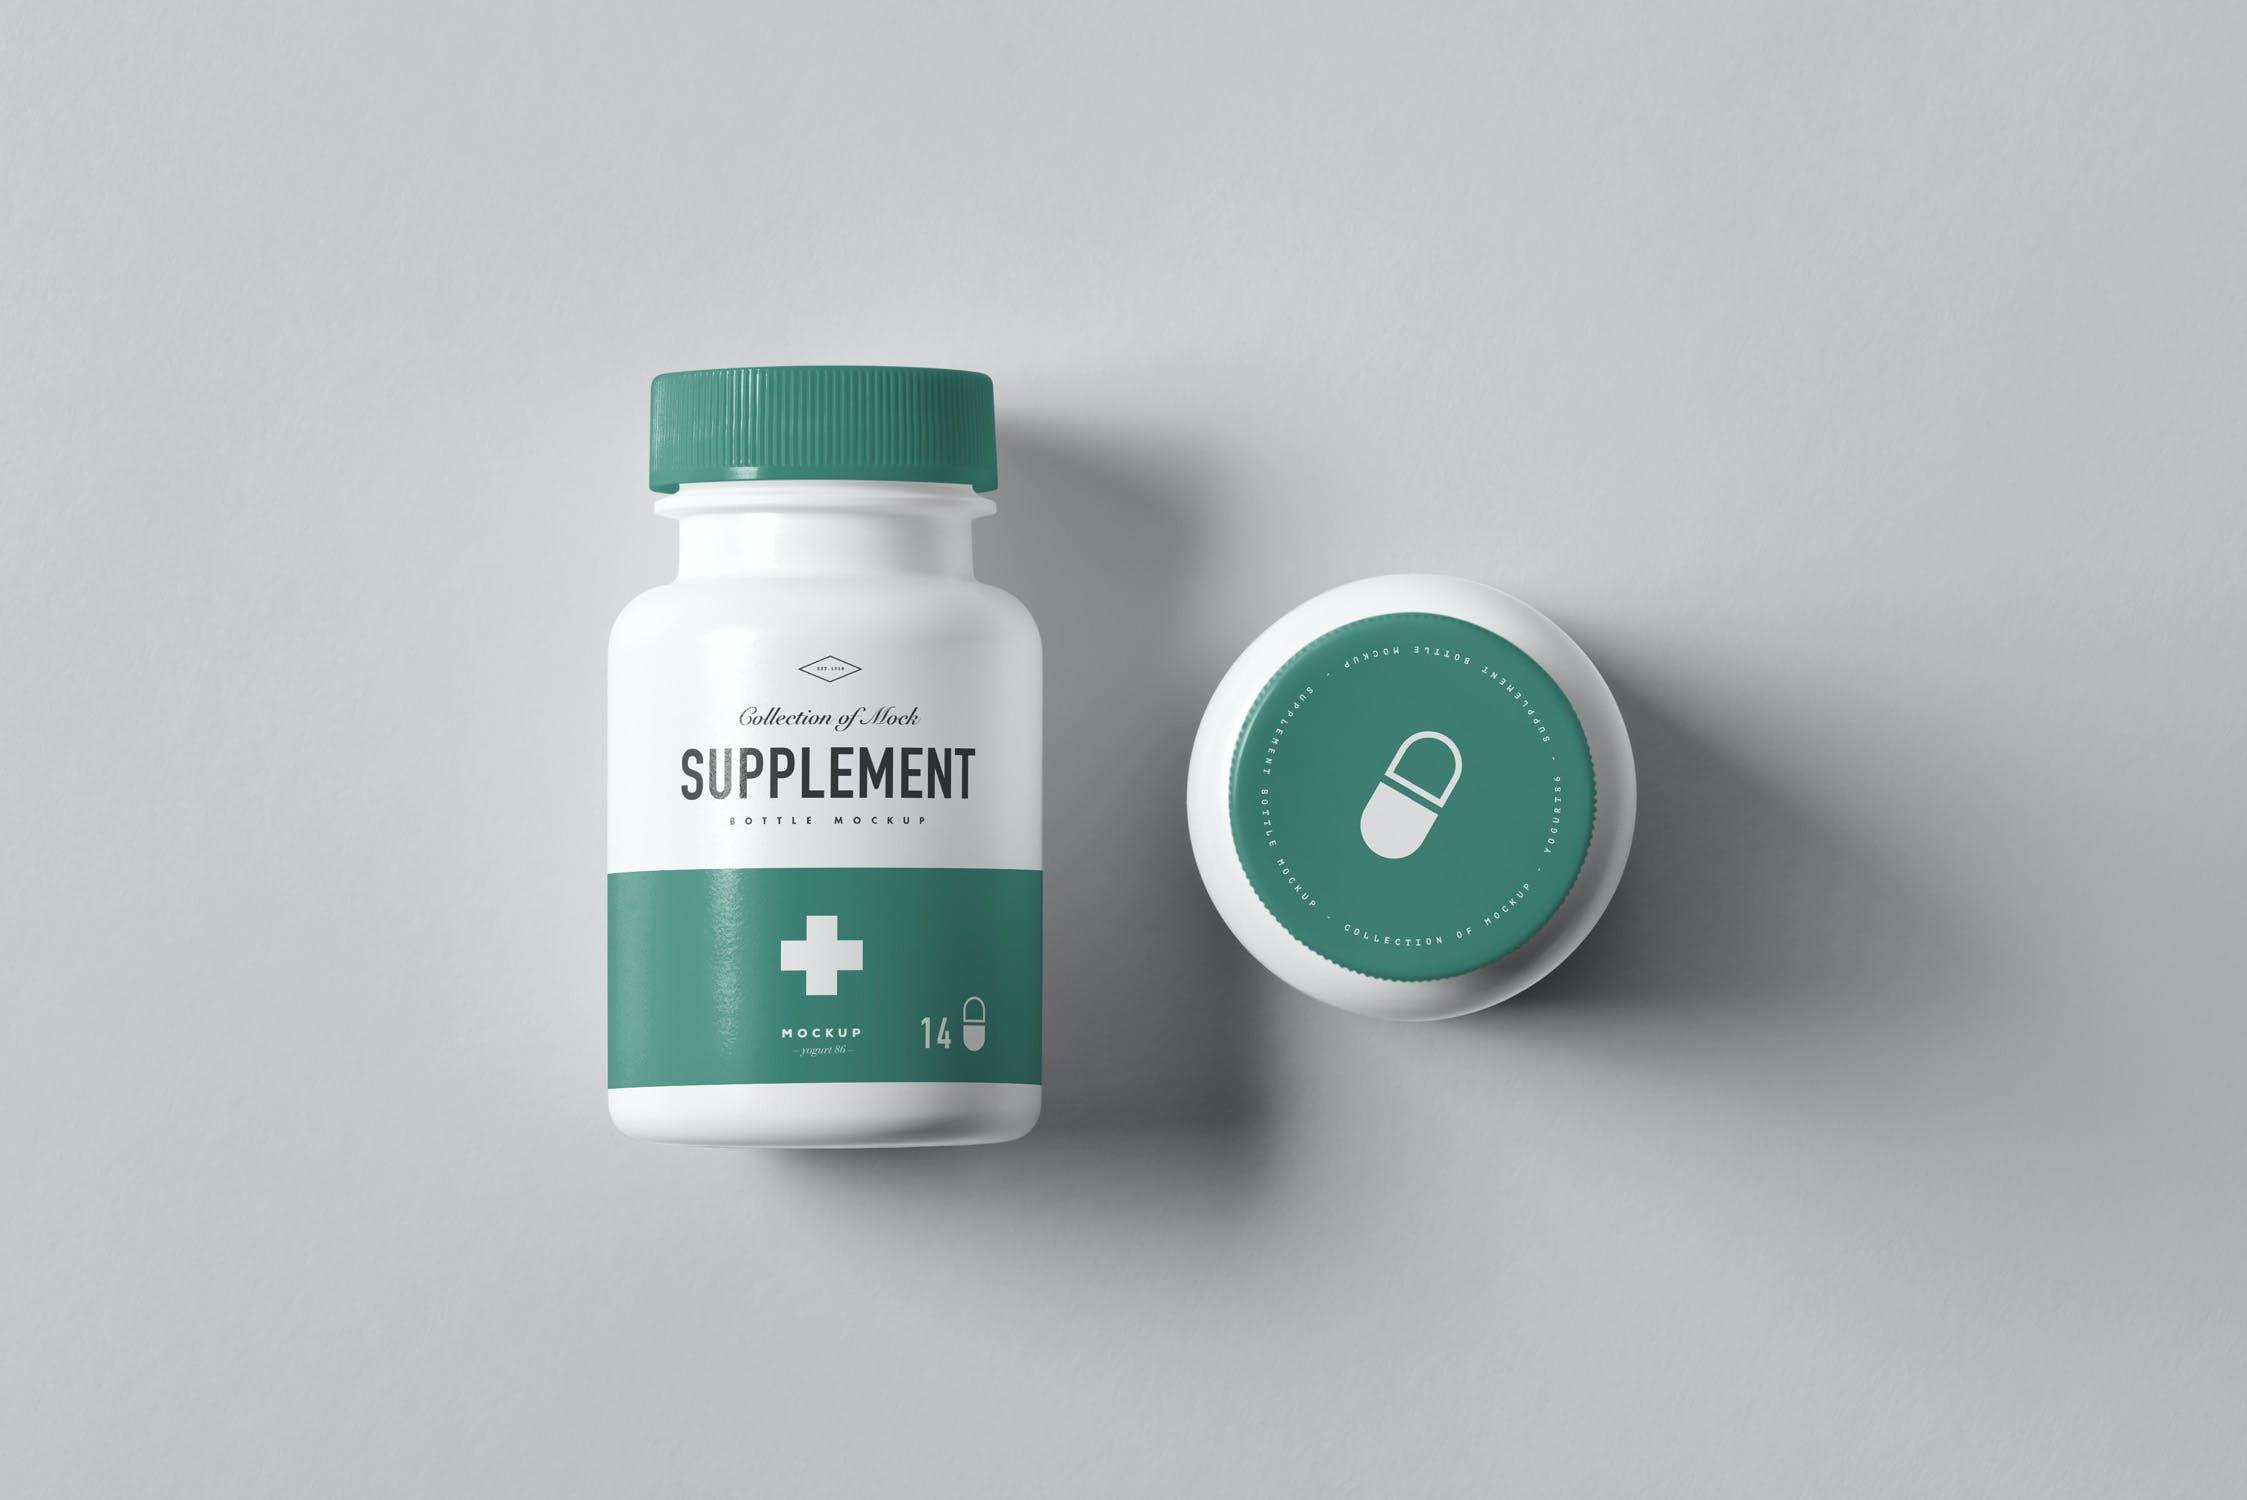 8款药物补充瓶塑料瓶包装盒设计展示样机模板 Supplement Bottle Mockup插图(7)